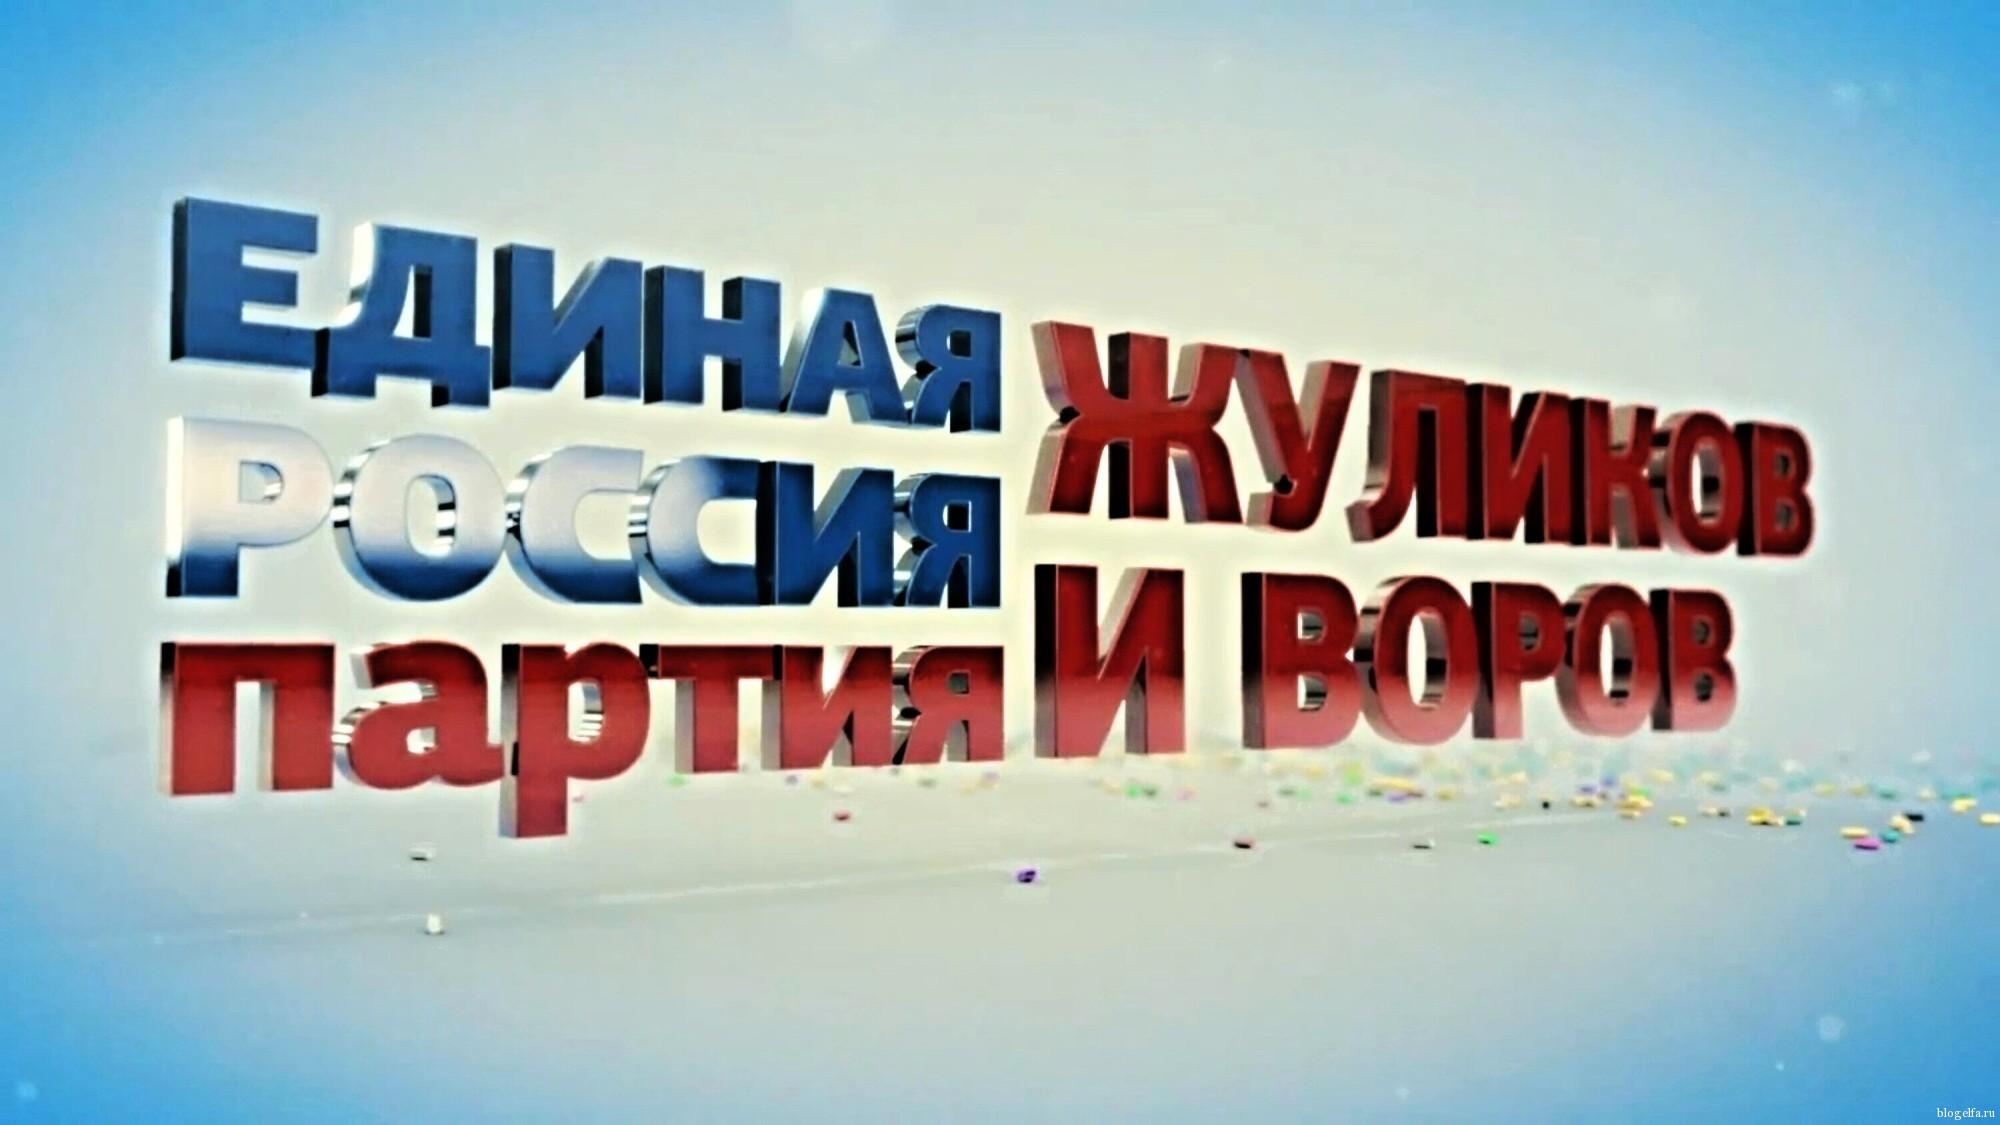 Единая-Россия-партия-жуликов-и-воров